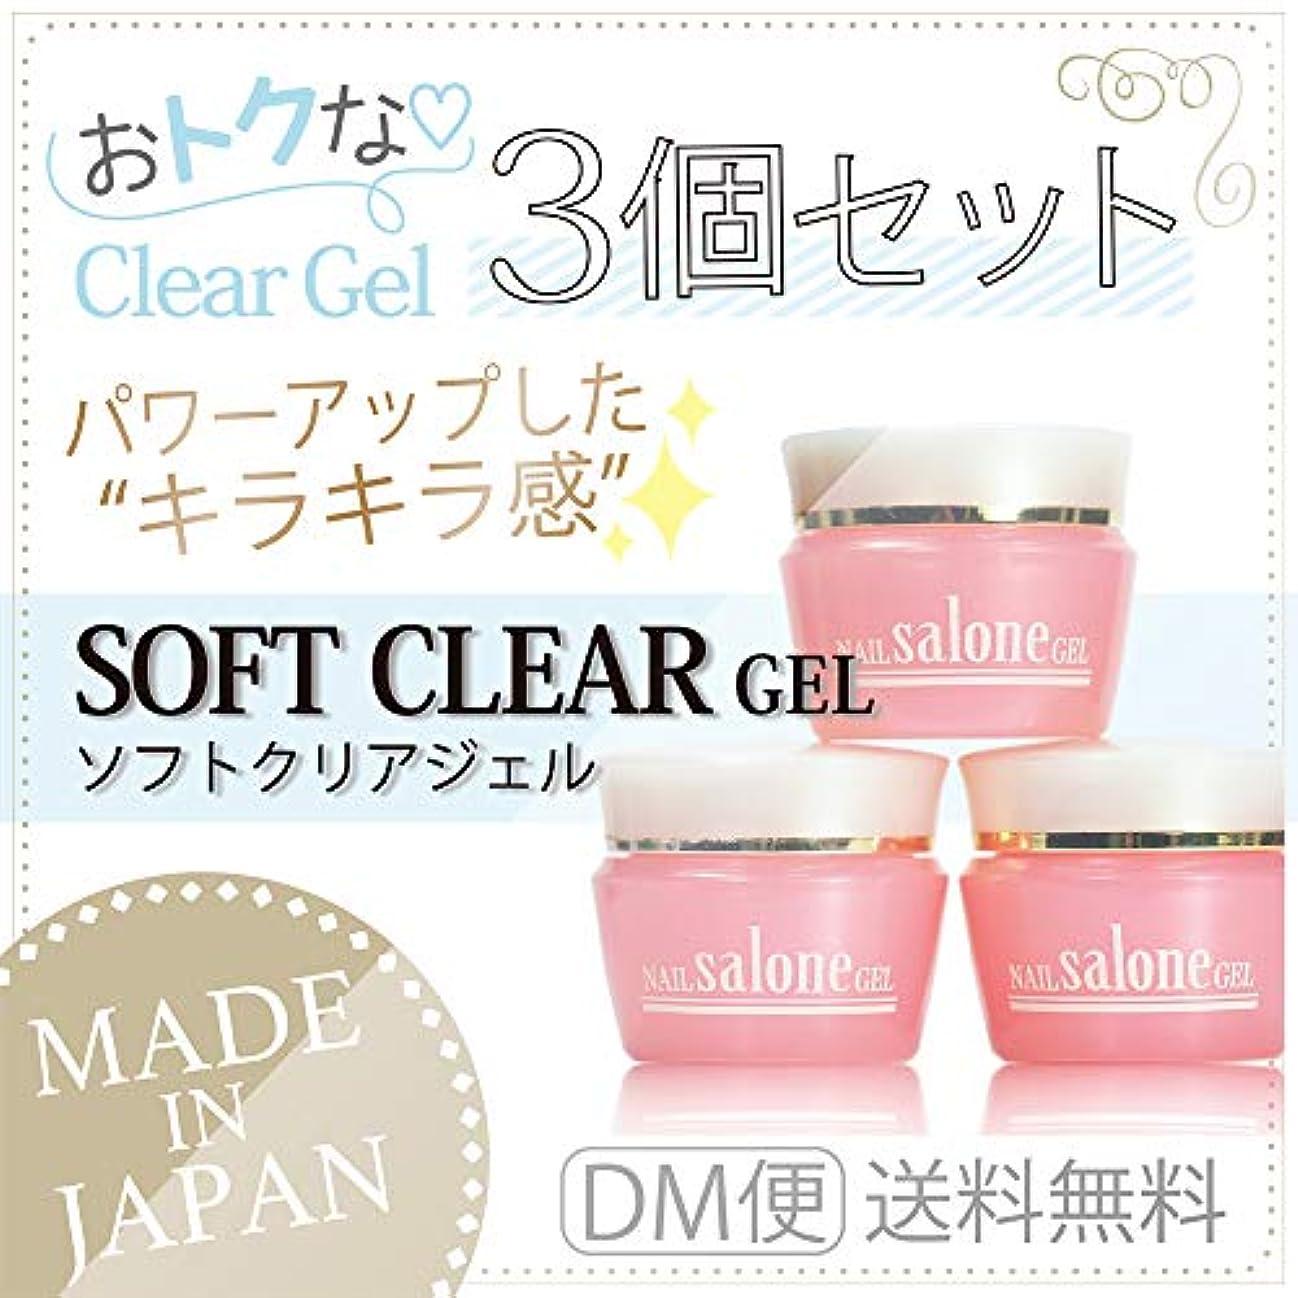 なので四一部Salone gel サローネ ソフトクリアージェル お得な3個セット ツヤツヤ キラキラ感持続 抜群のツヤ 爪に優しい日本製 3g